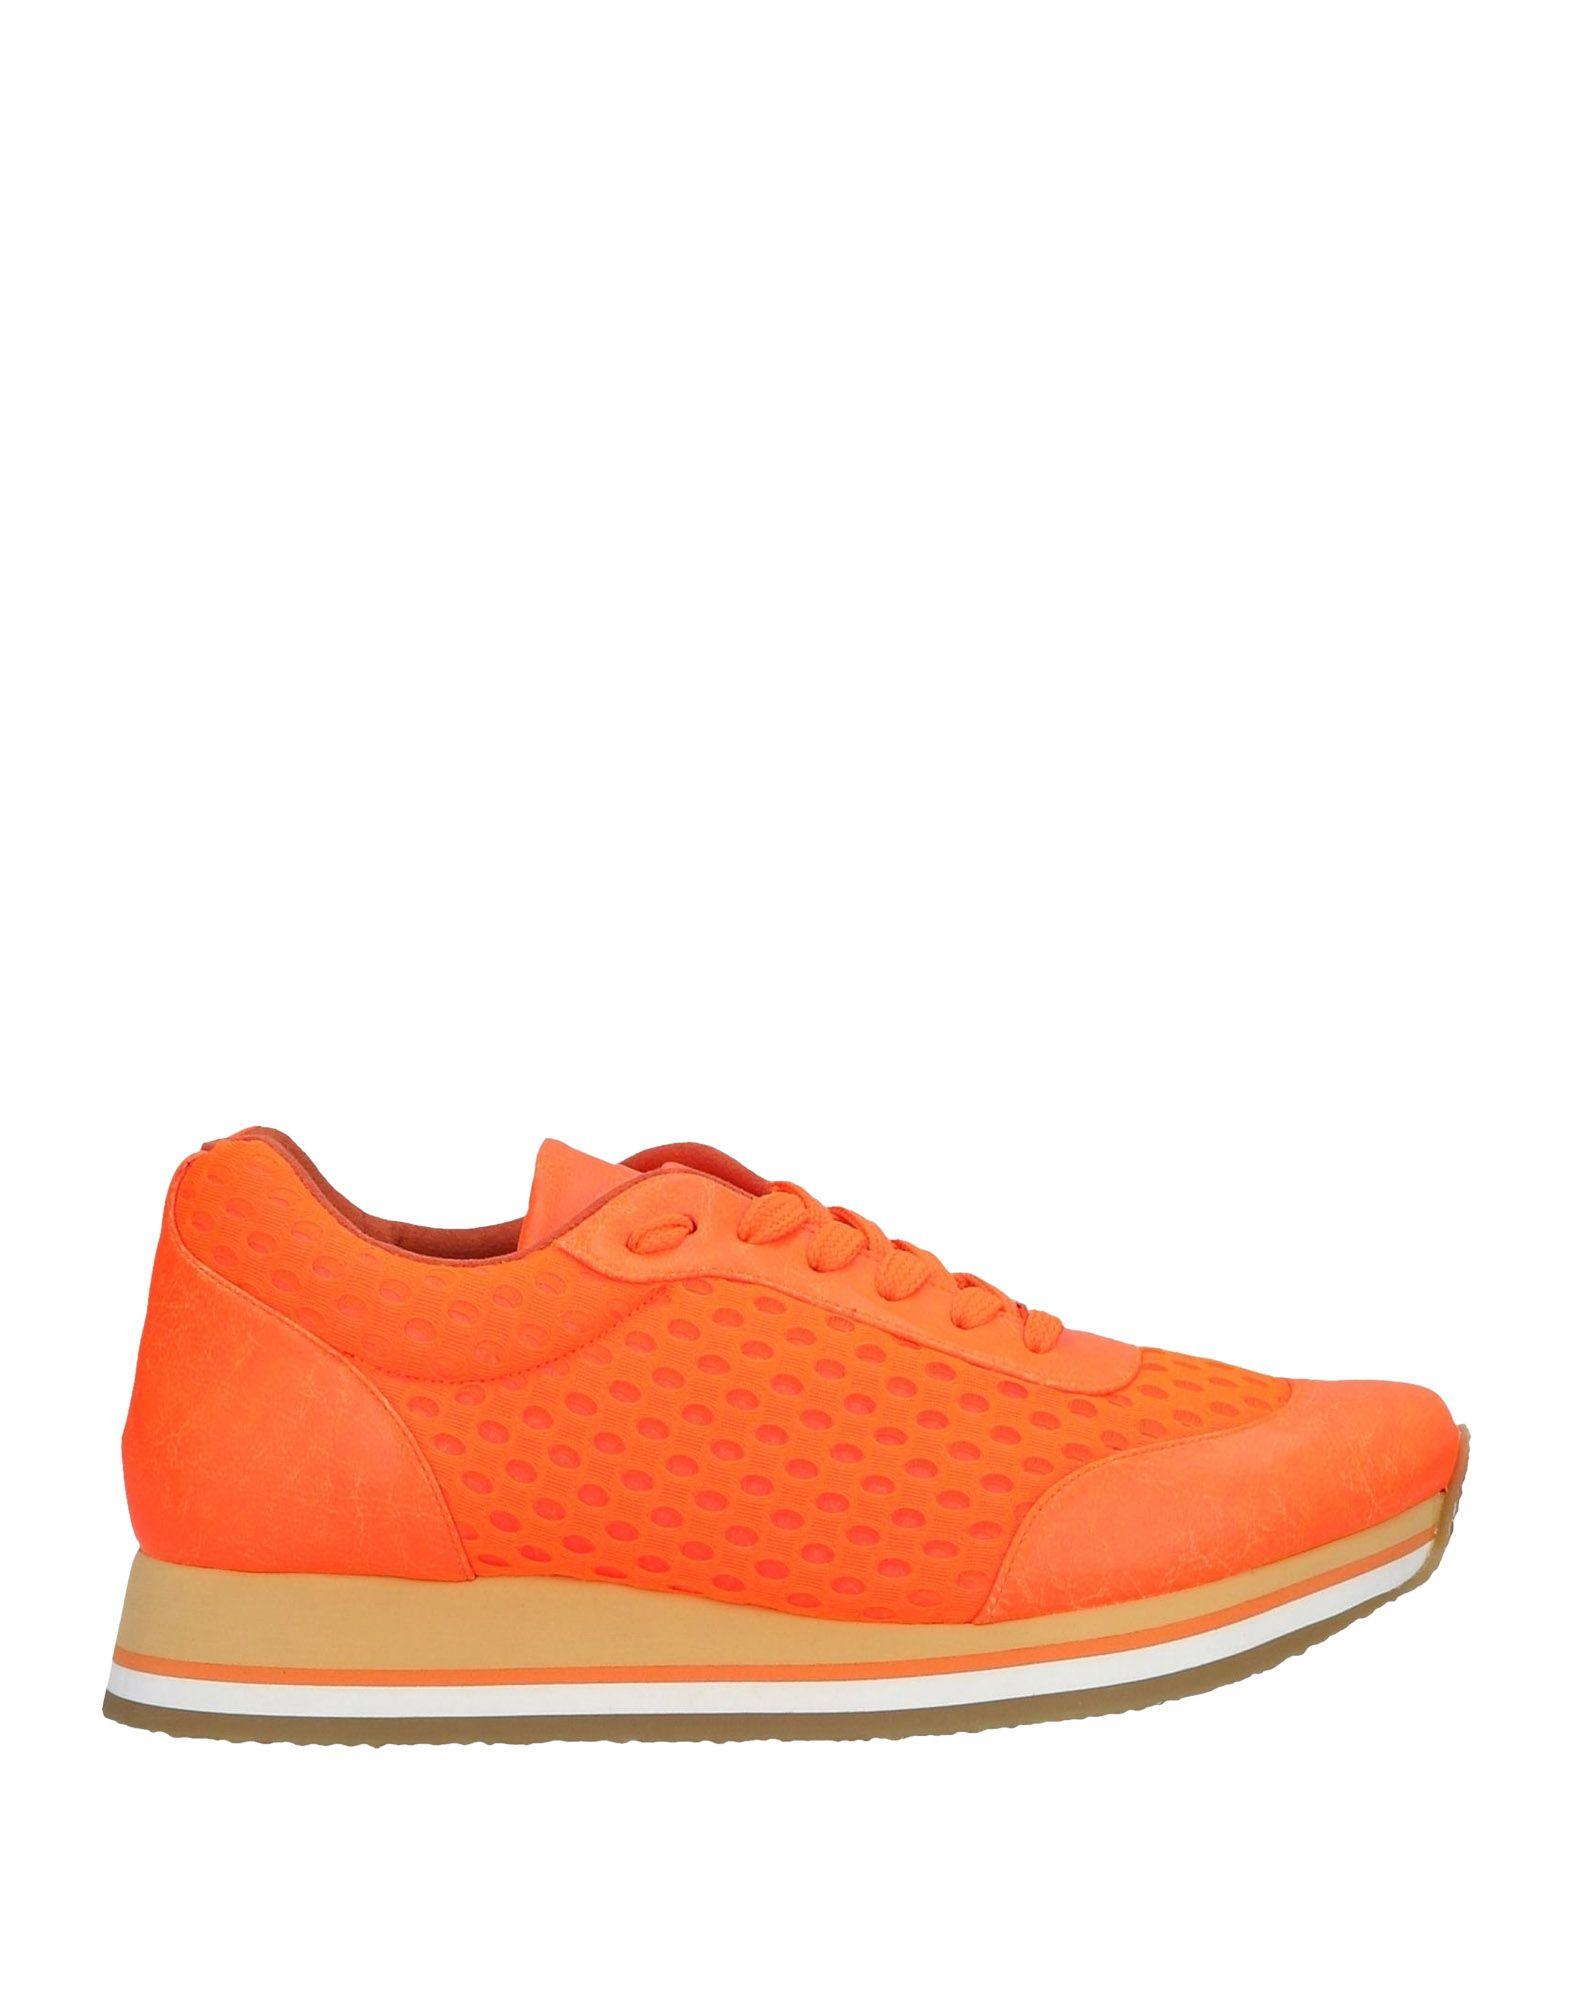 Nuevos zapatos para para zapatos hombres y mujeres, descuento por tiempo limitado Zapatillas Stella Mccartney Mujer - Zapatillas Stella Mccartney  Naranja 2256cc